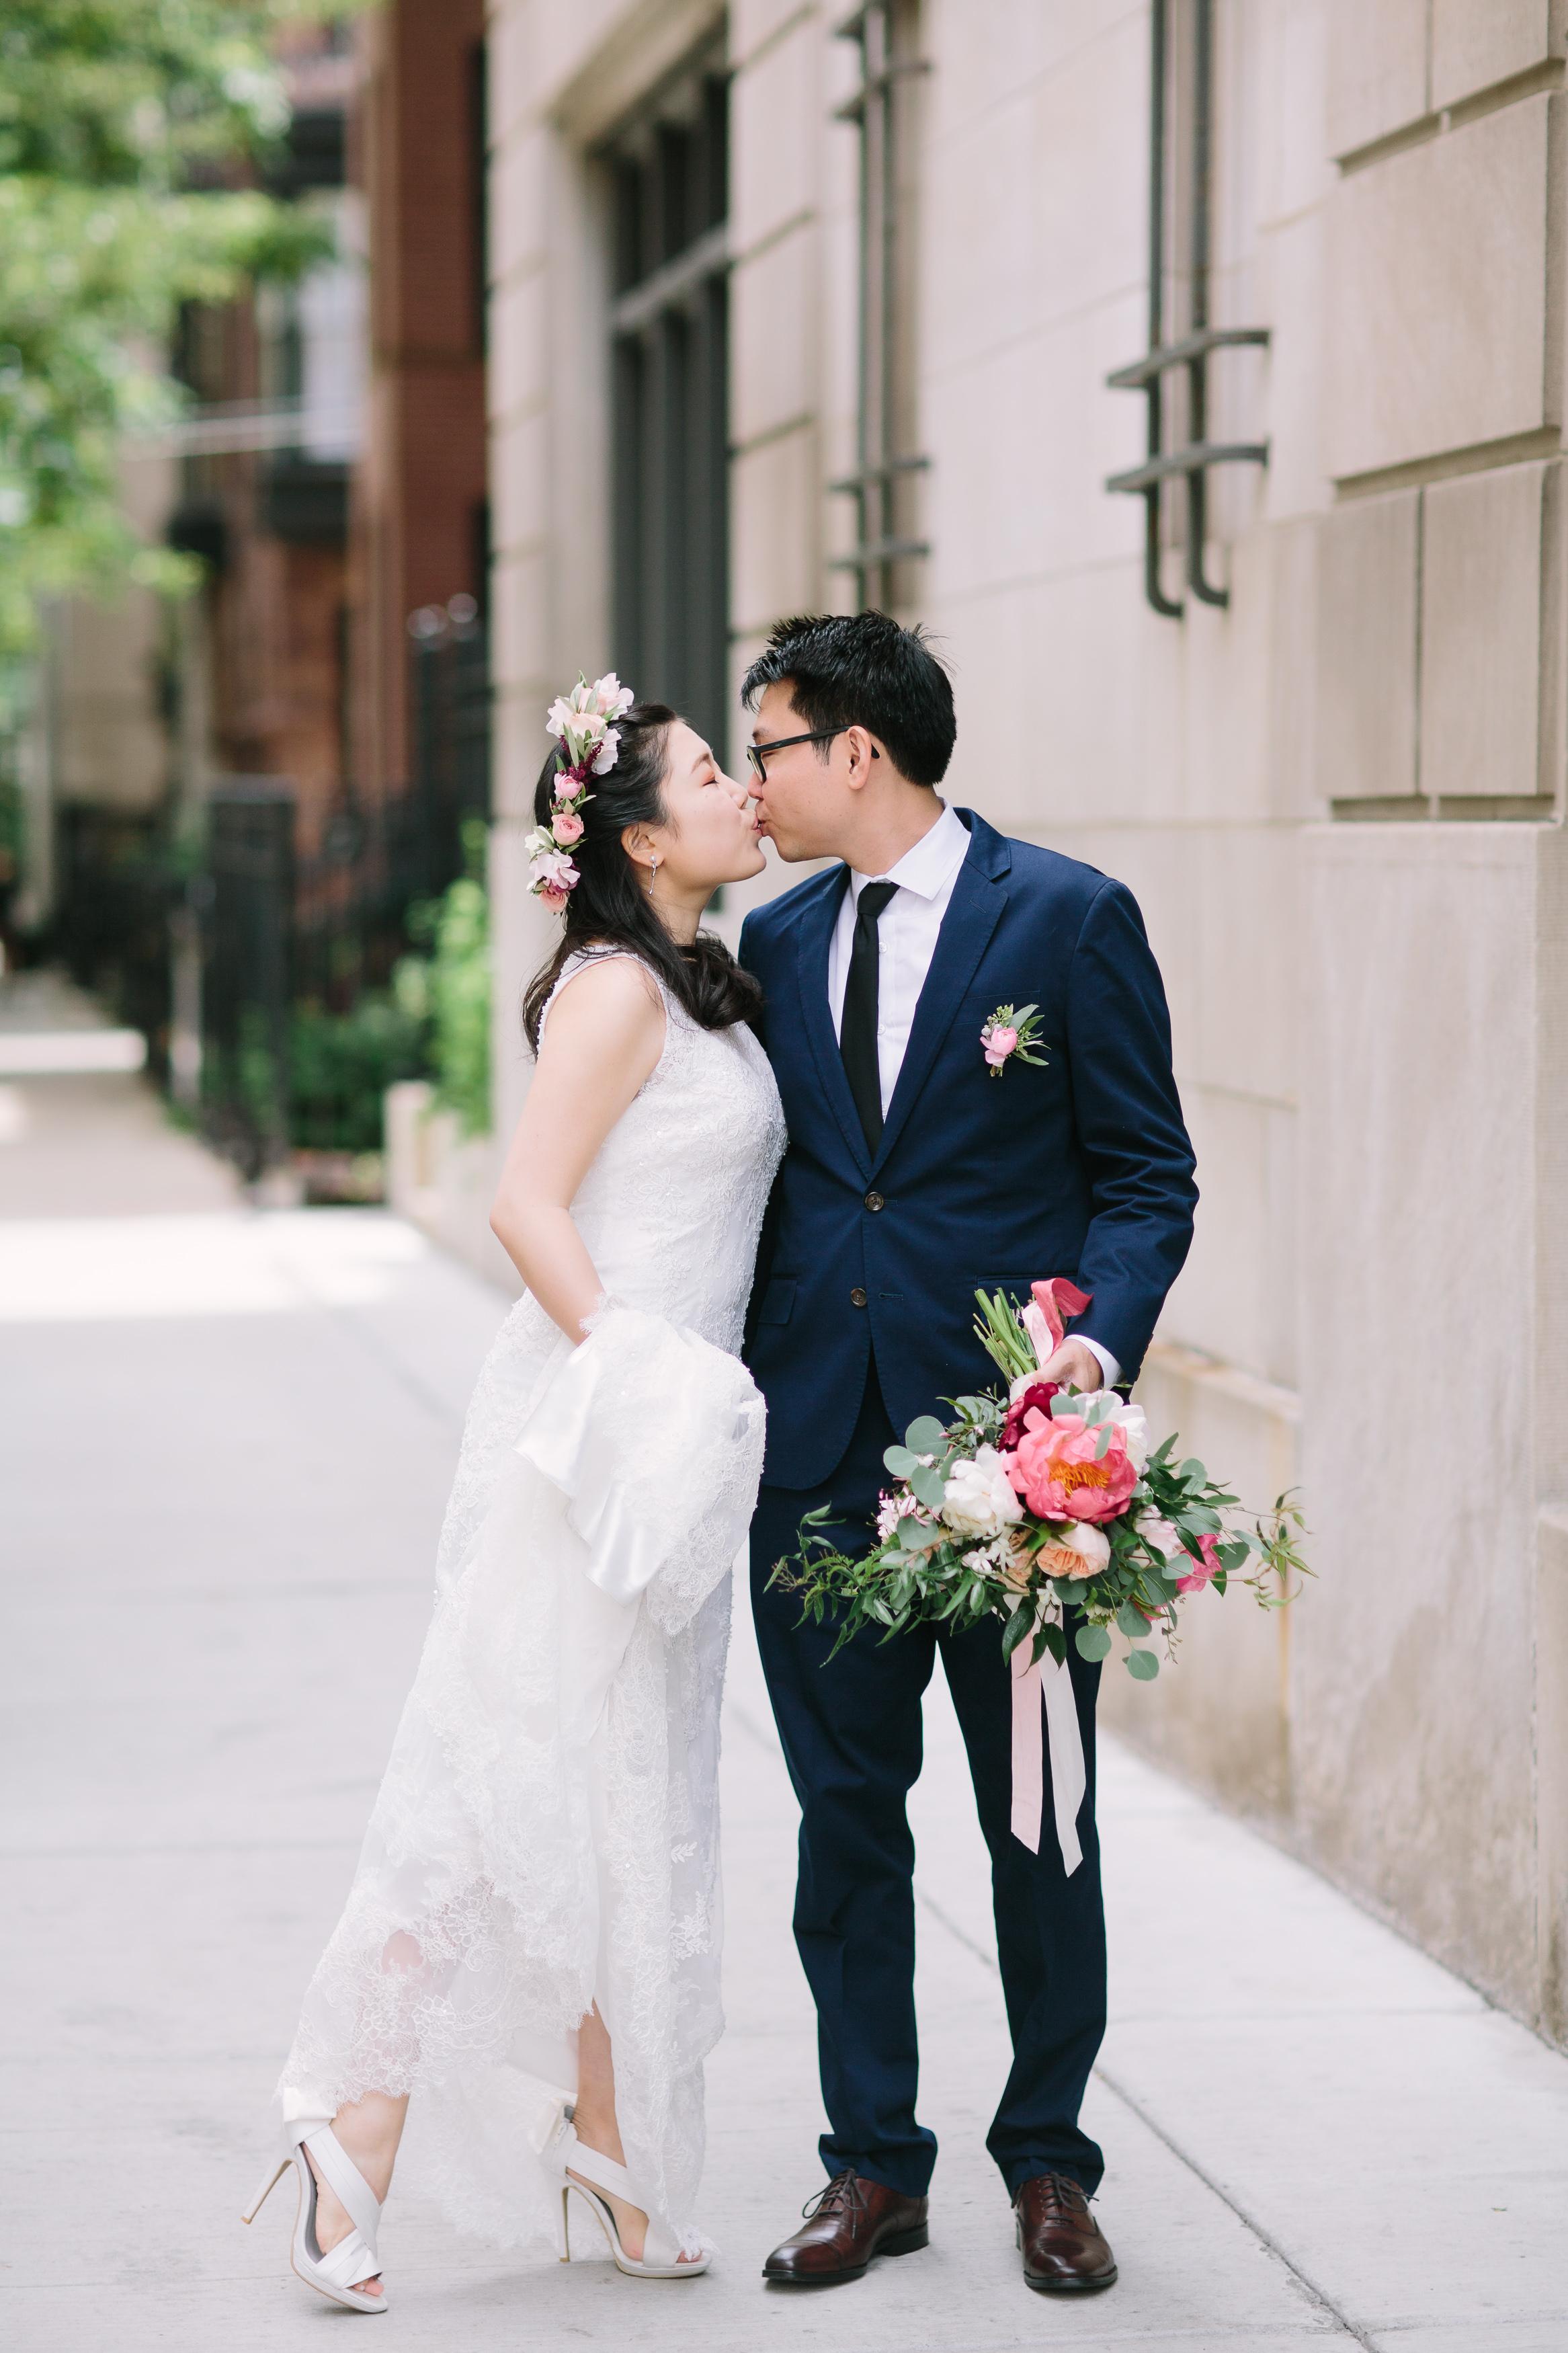 Nicodem Creative-Wang Wedding-Public Hotel Chicago-13.jpg